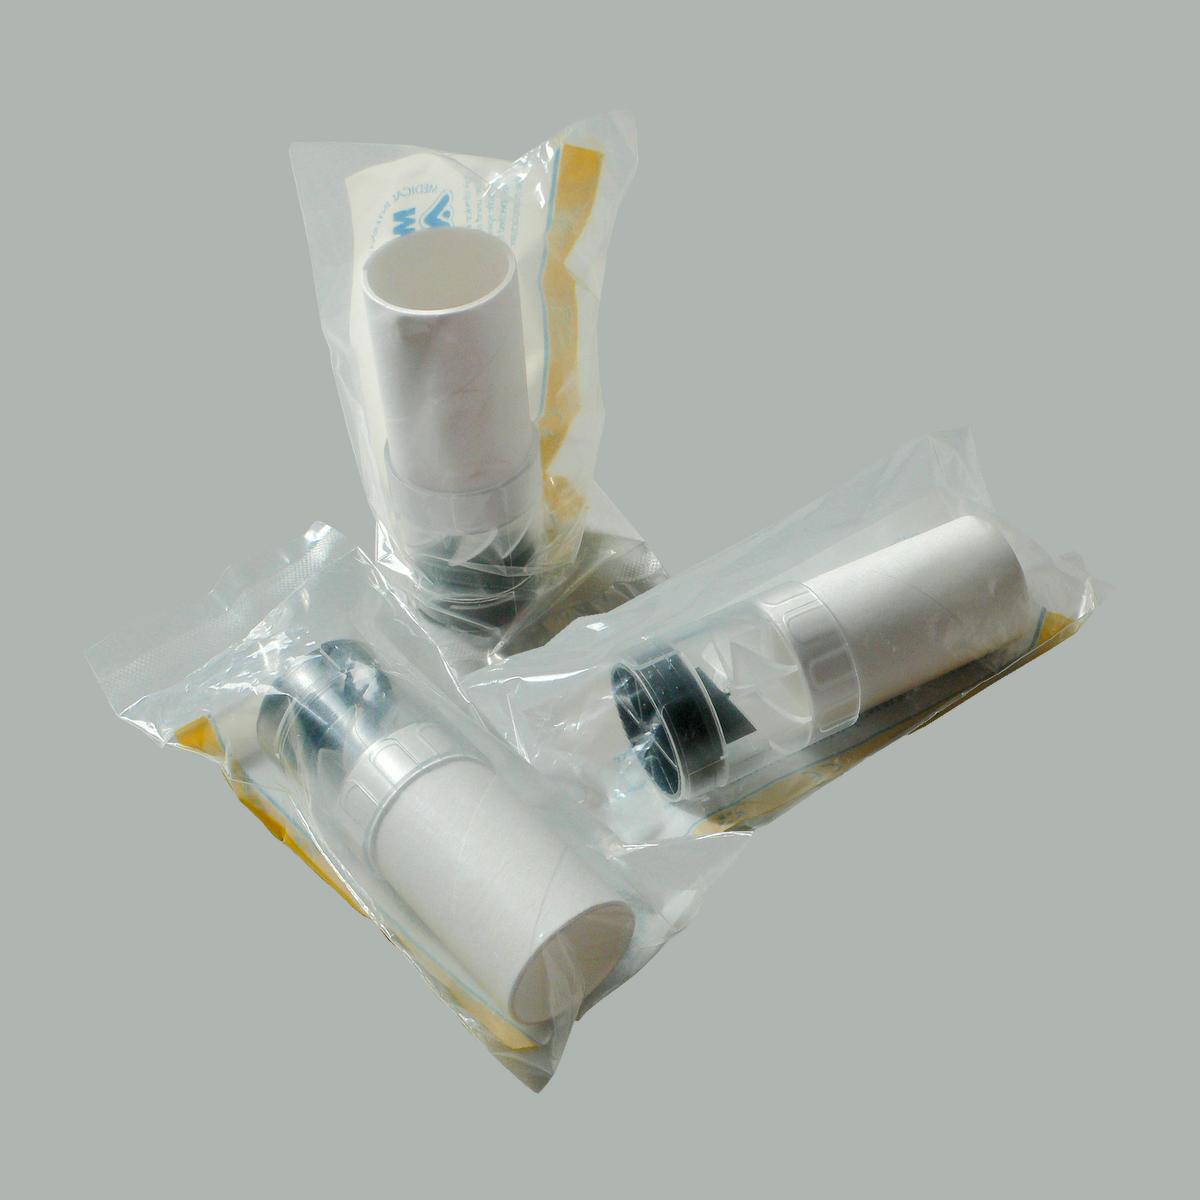 Турбина одноразовая с мундштуком для спирометров SpiroLab (316 р/комплект)